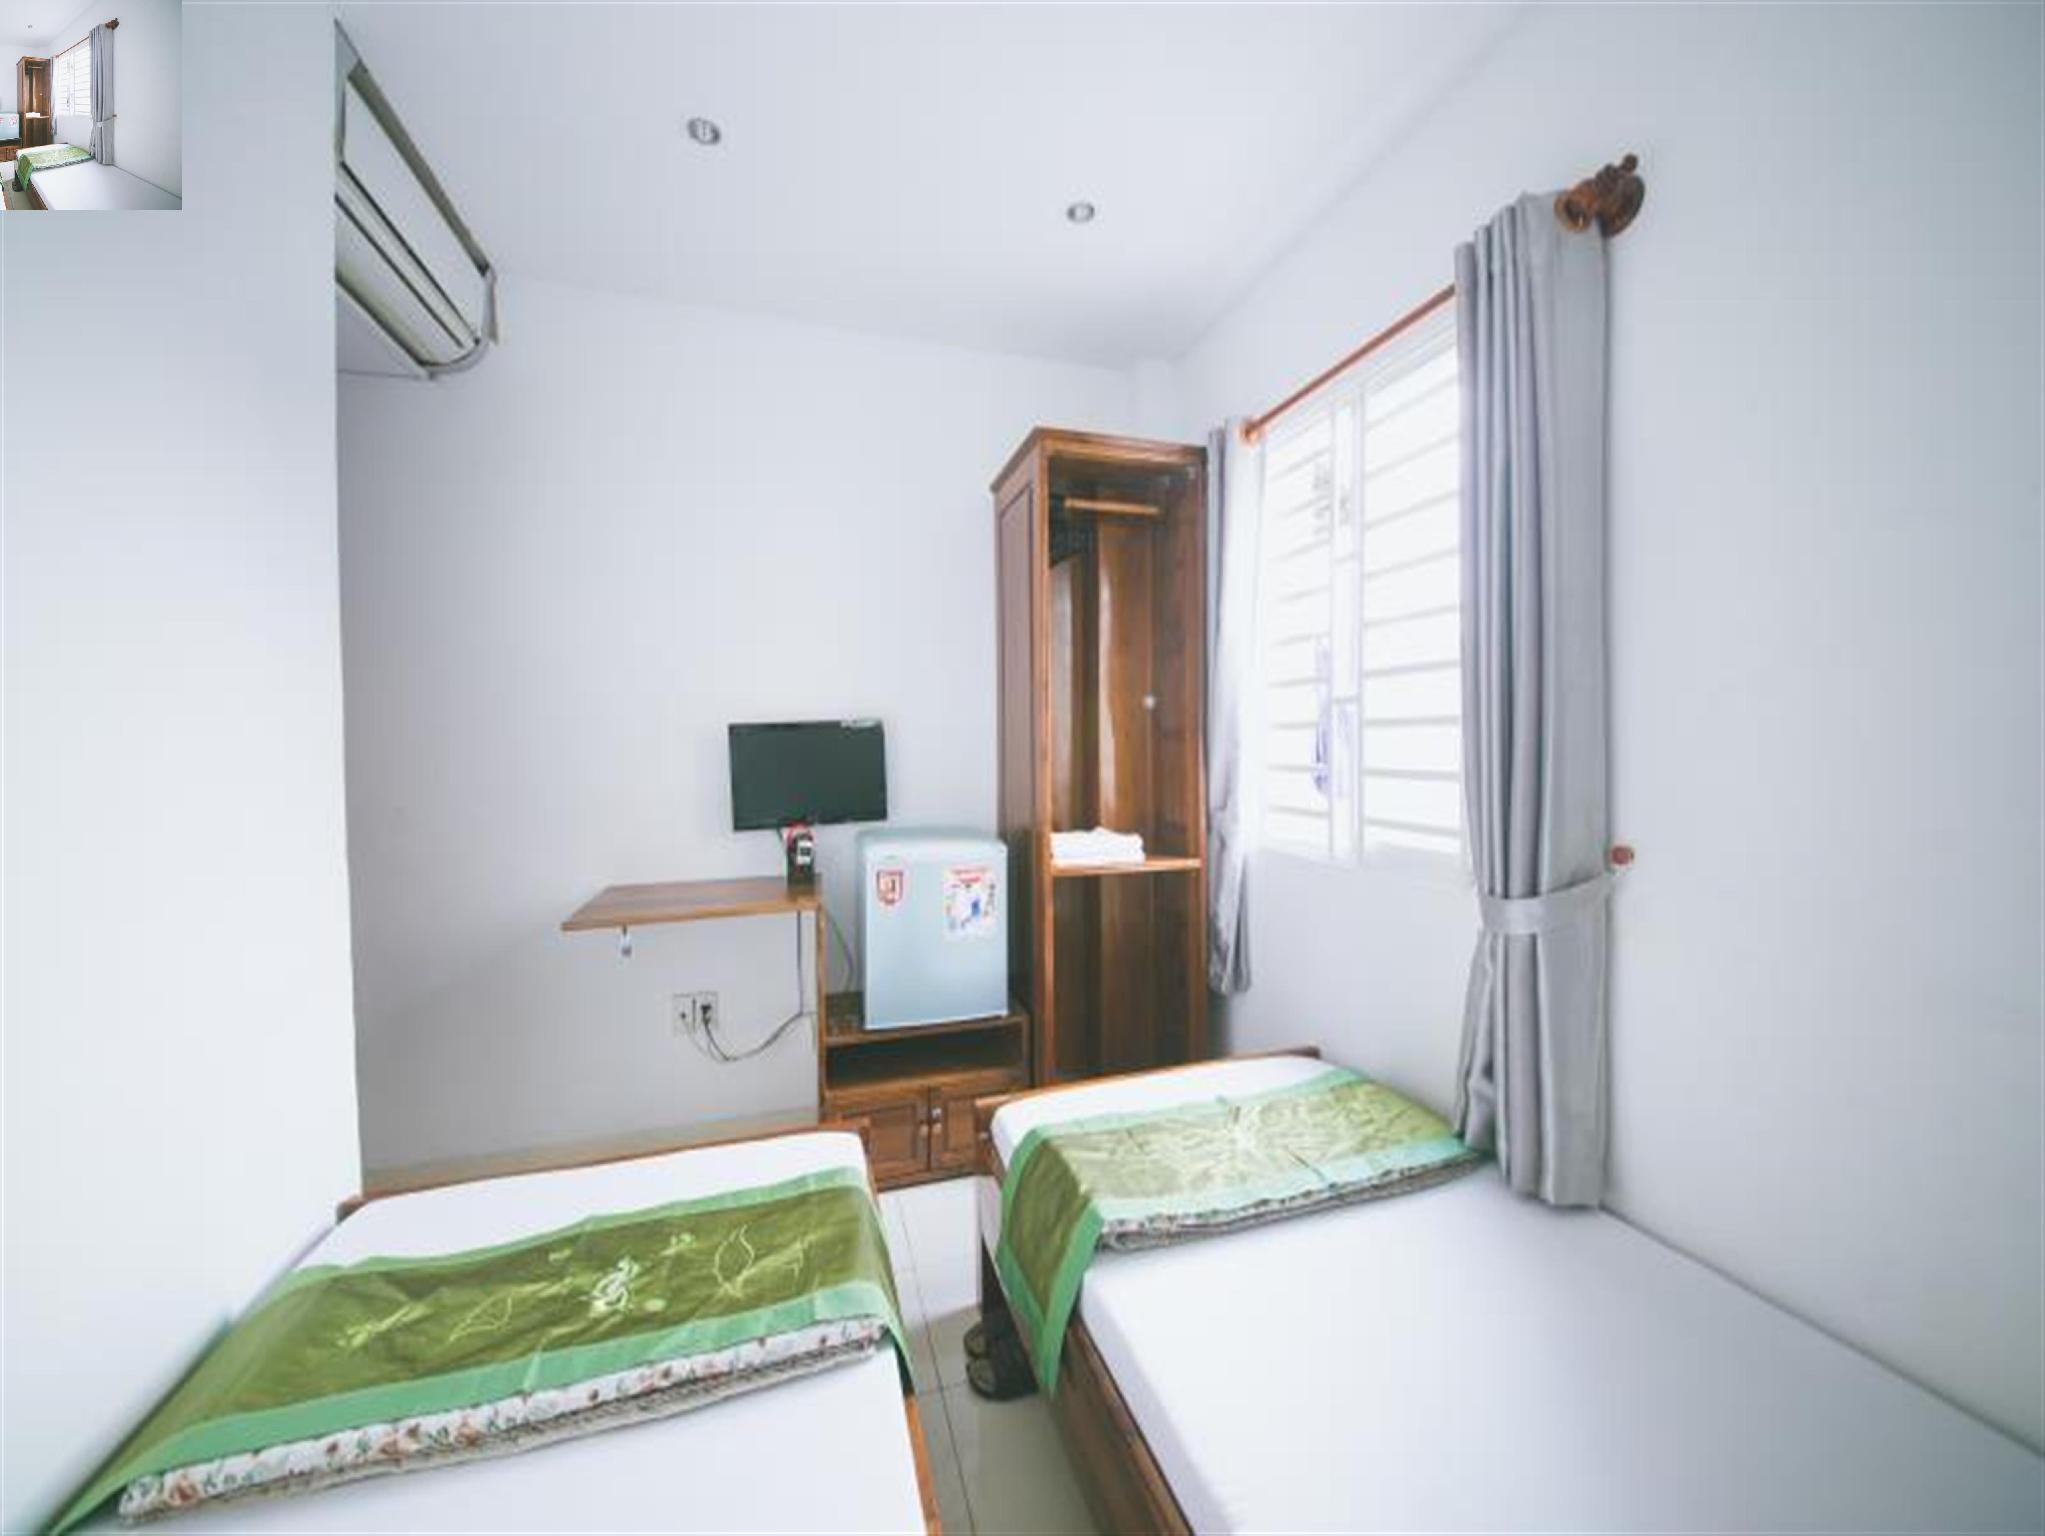 CK サイゴン セントラル ホテル14